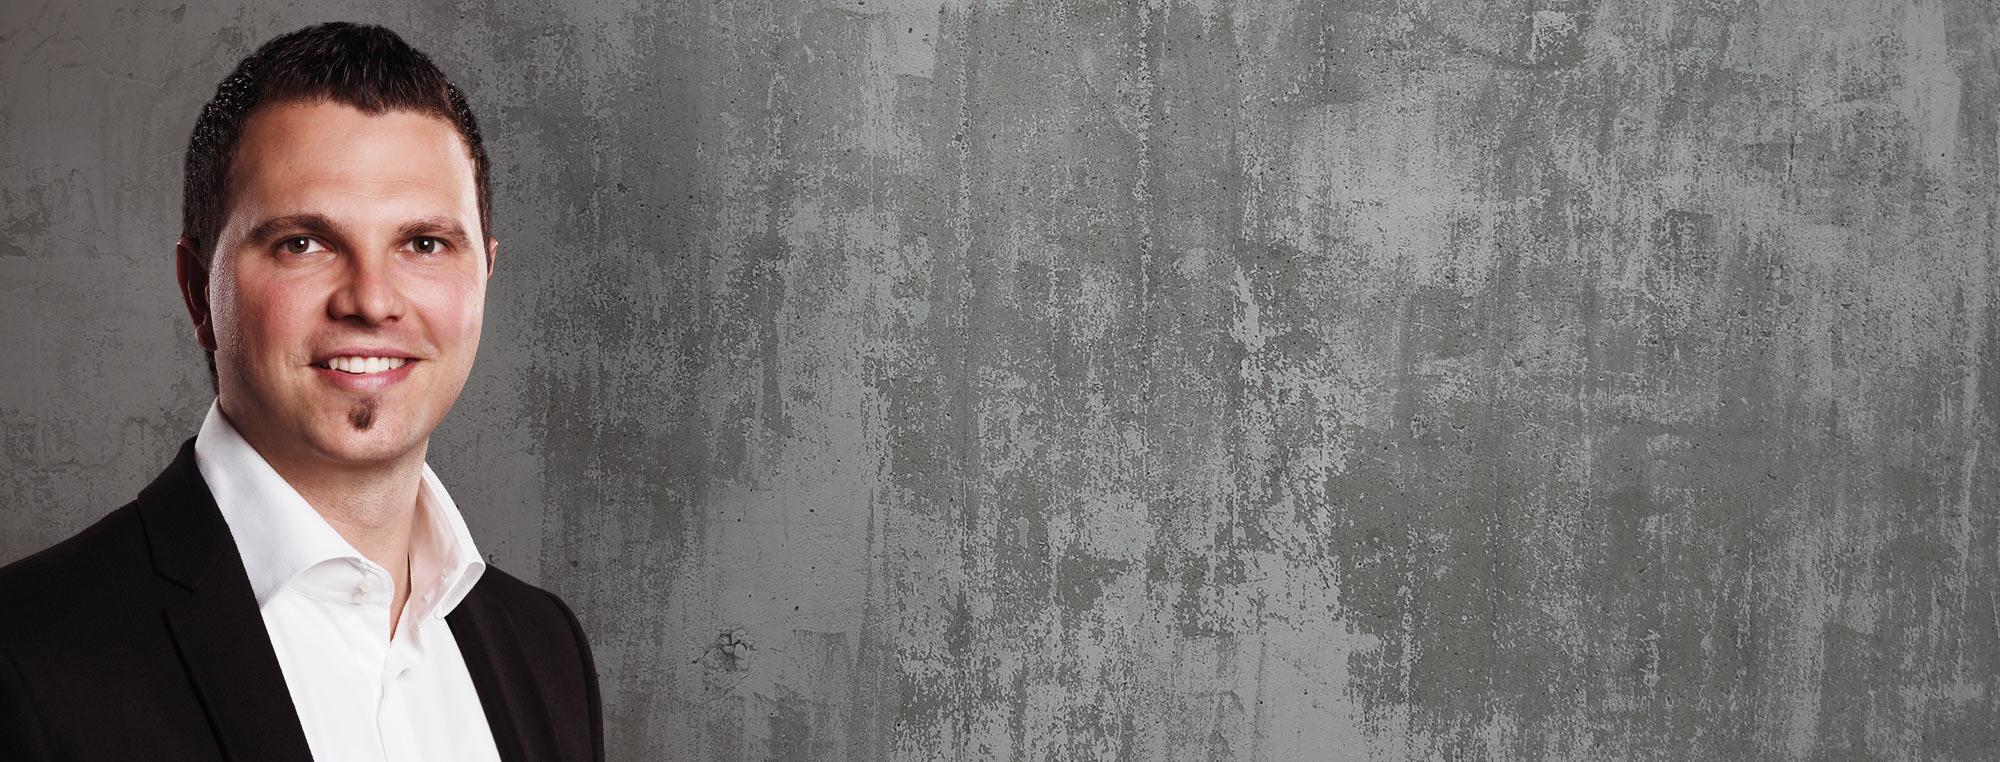 Langjähriger Kunde der Firma bendl Bauunternehmen aus Günzburg: Herr Christian Neidl des Malermeister und Cotecdesignbetrieb Neidl GmbH Bubesheim